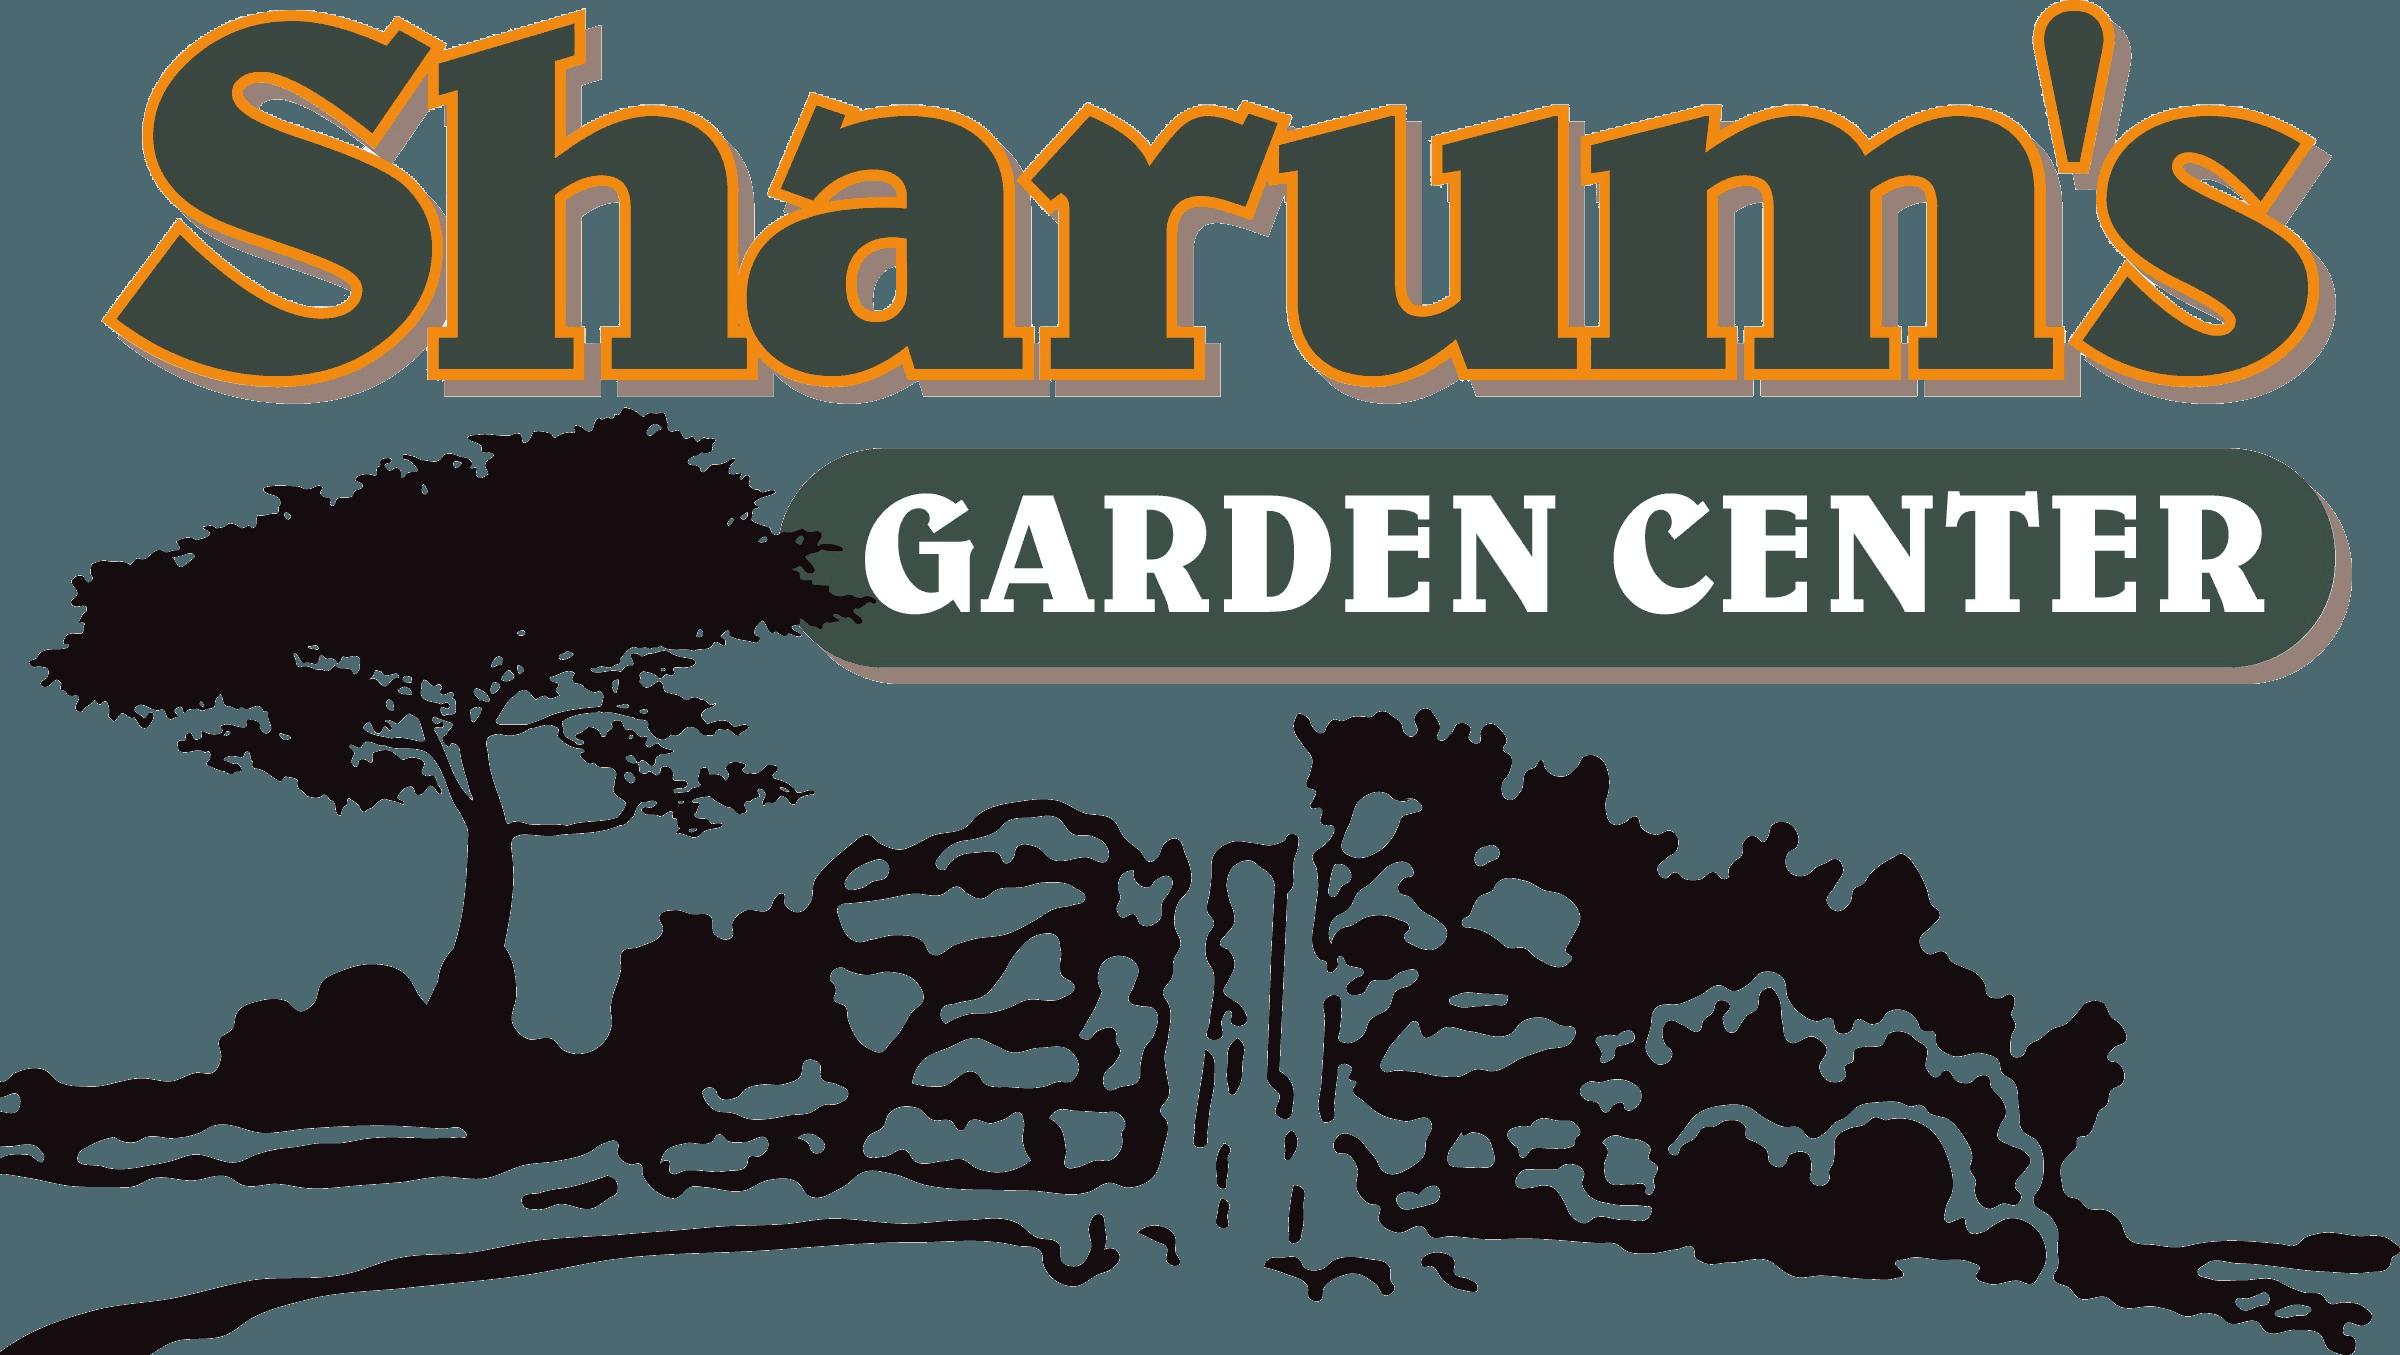 Sharums Landscape Design Garden Center Ft Smith